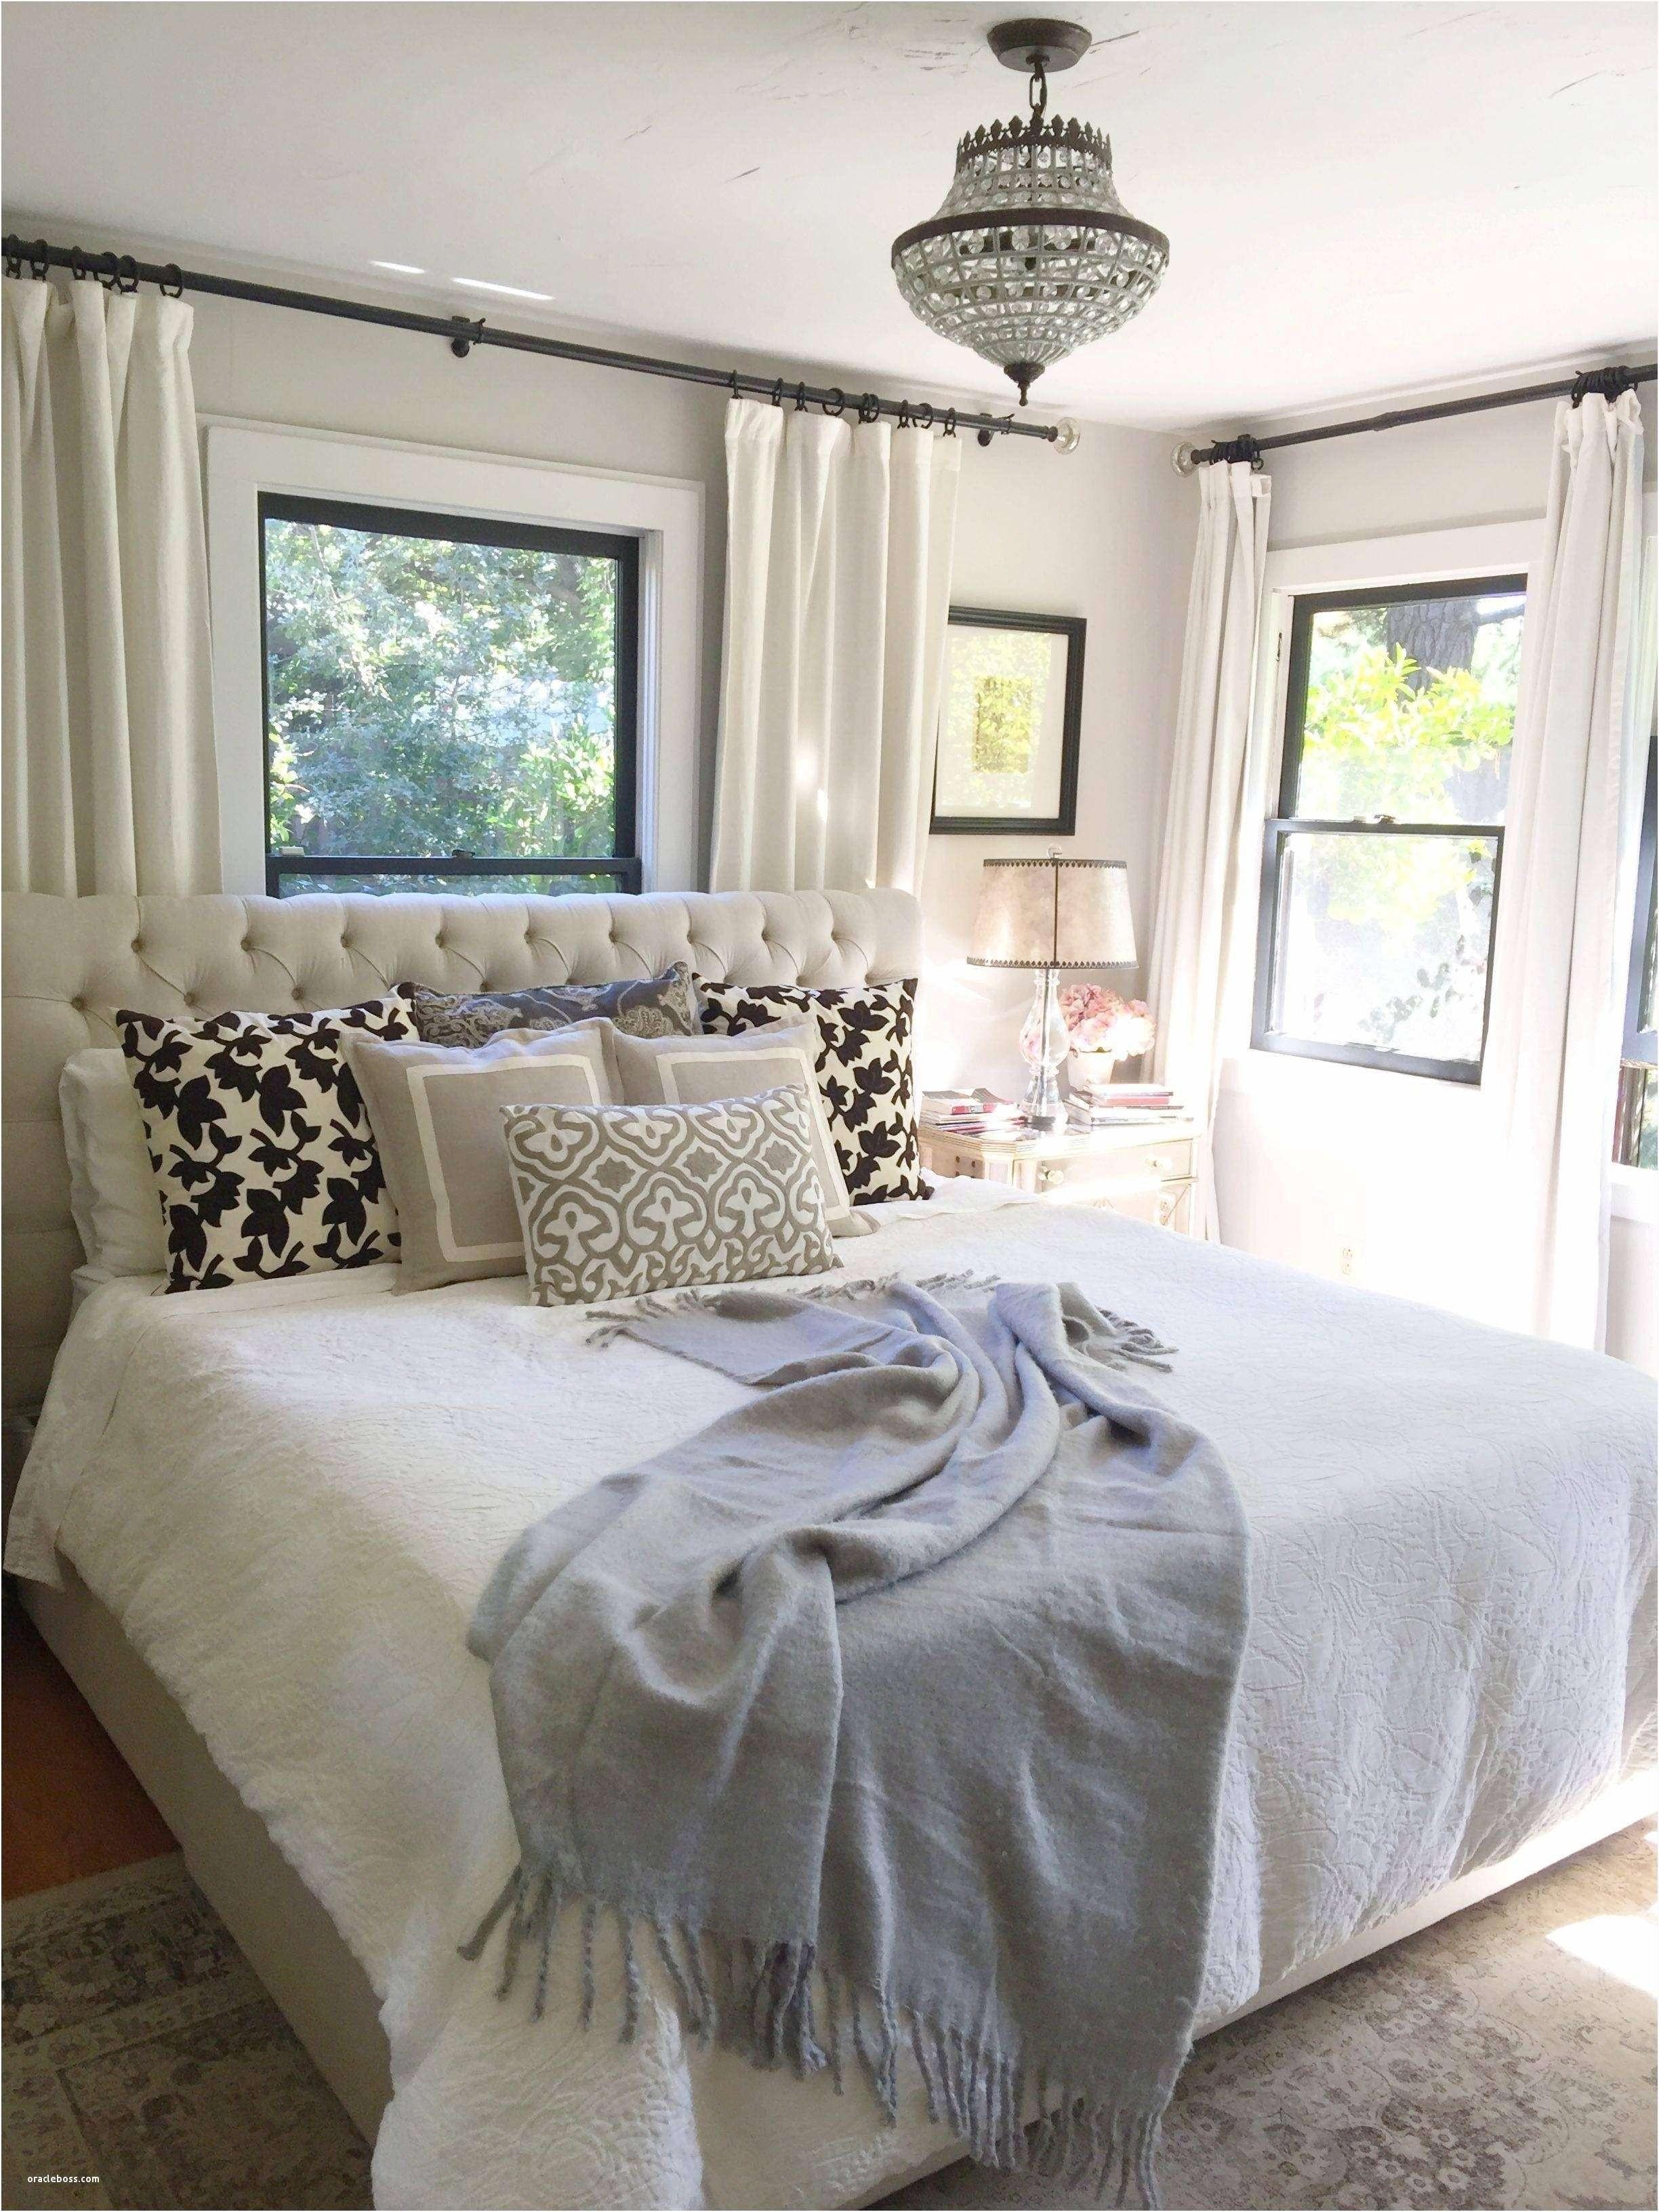 Bedroom Furniture Design Ideas Best Gold Bedroom Ideas Elegant Grey Gold Bedroom Best Bedroom Chairs 0d